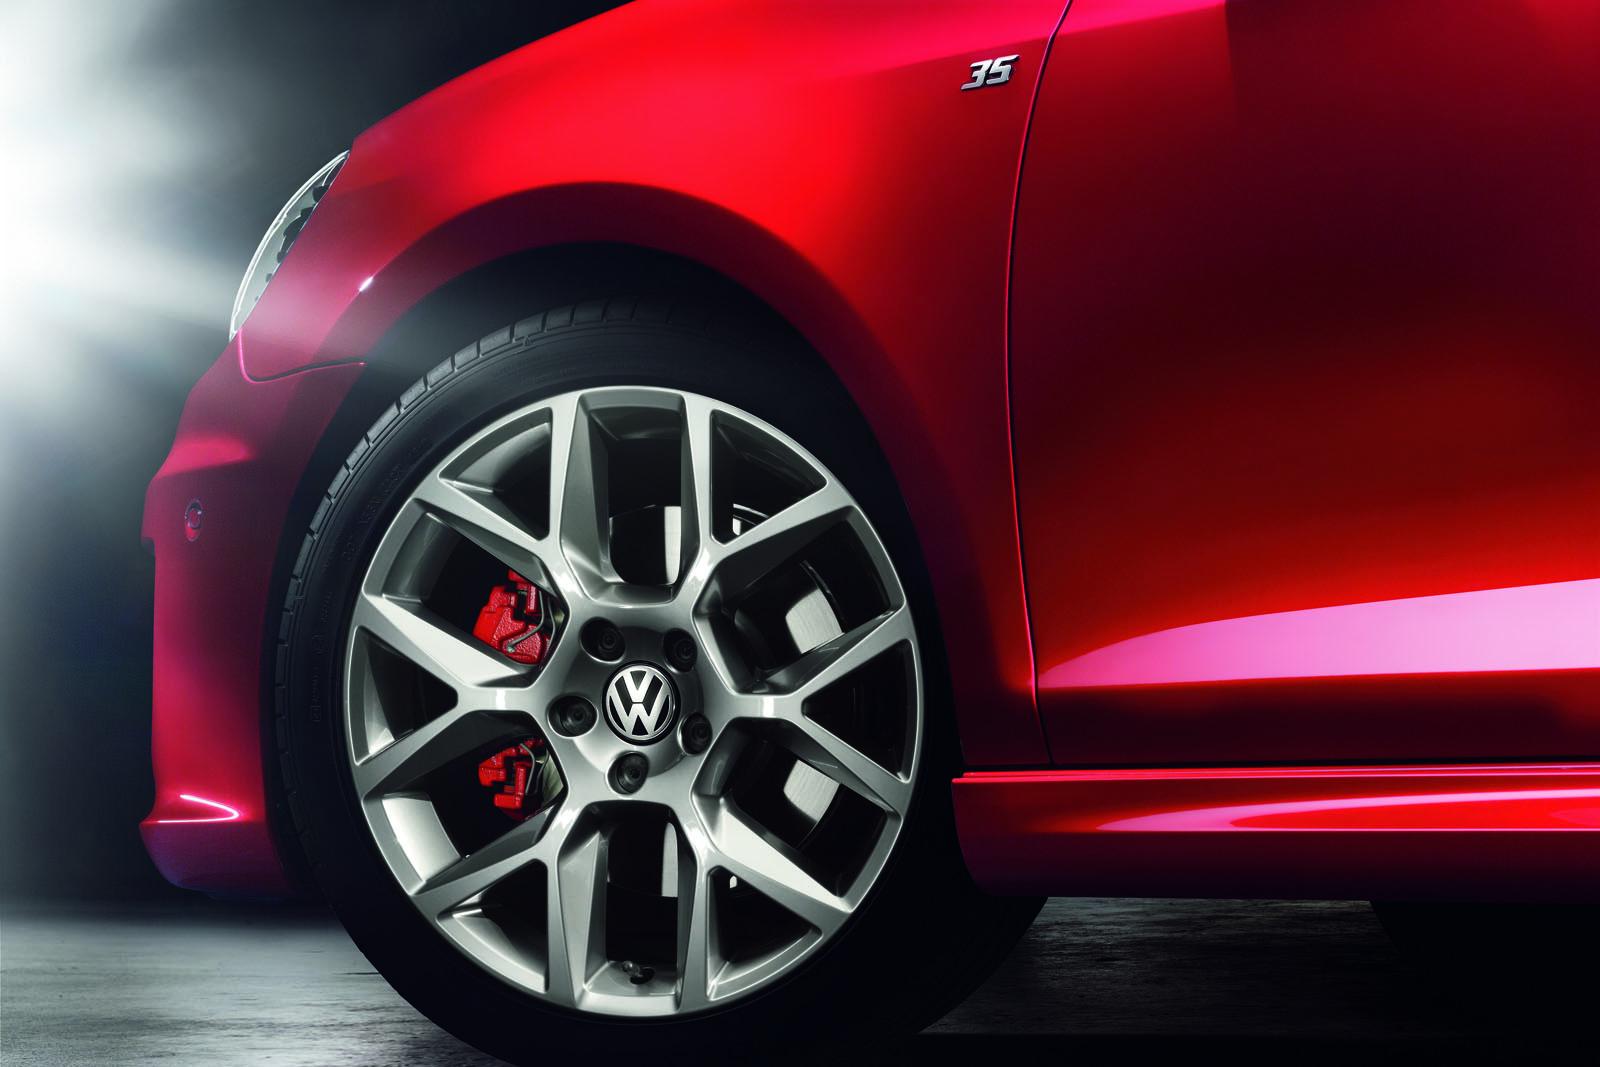 http://1.bp.blogspot.com/--xuRxJIo3dw/TeYsu5FdDgI/AAAAAAAAF60/1REPvvoOOsA/s1600/VW-Golf-GTI-Edition-35-6.jpg